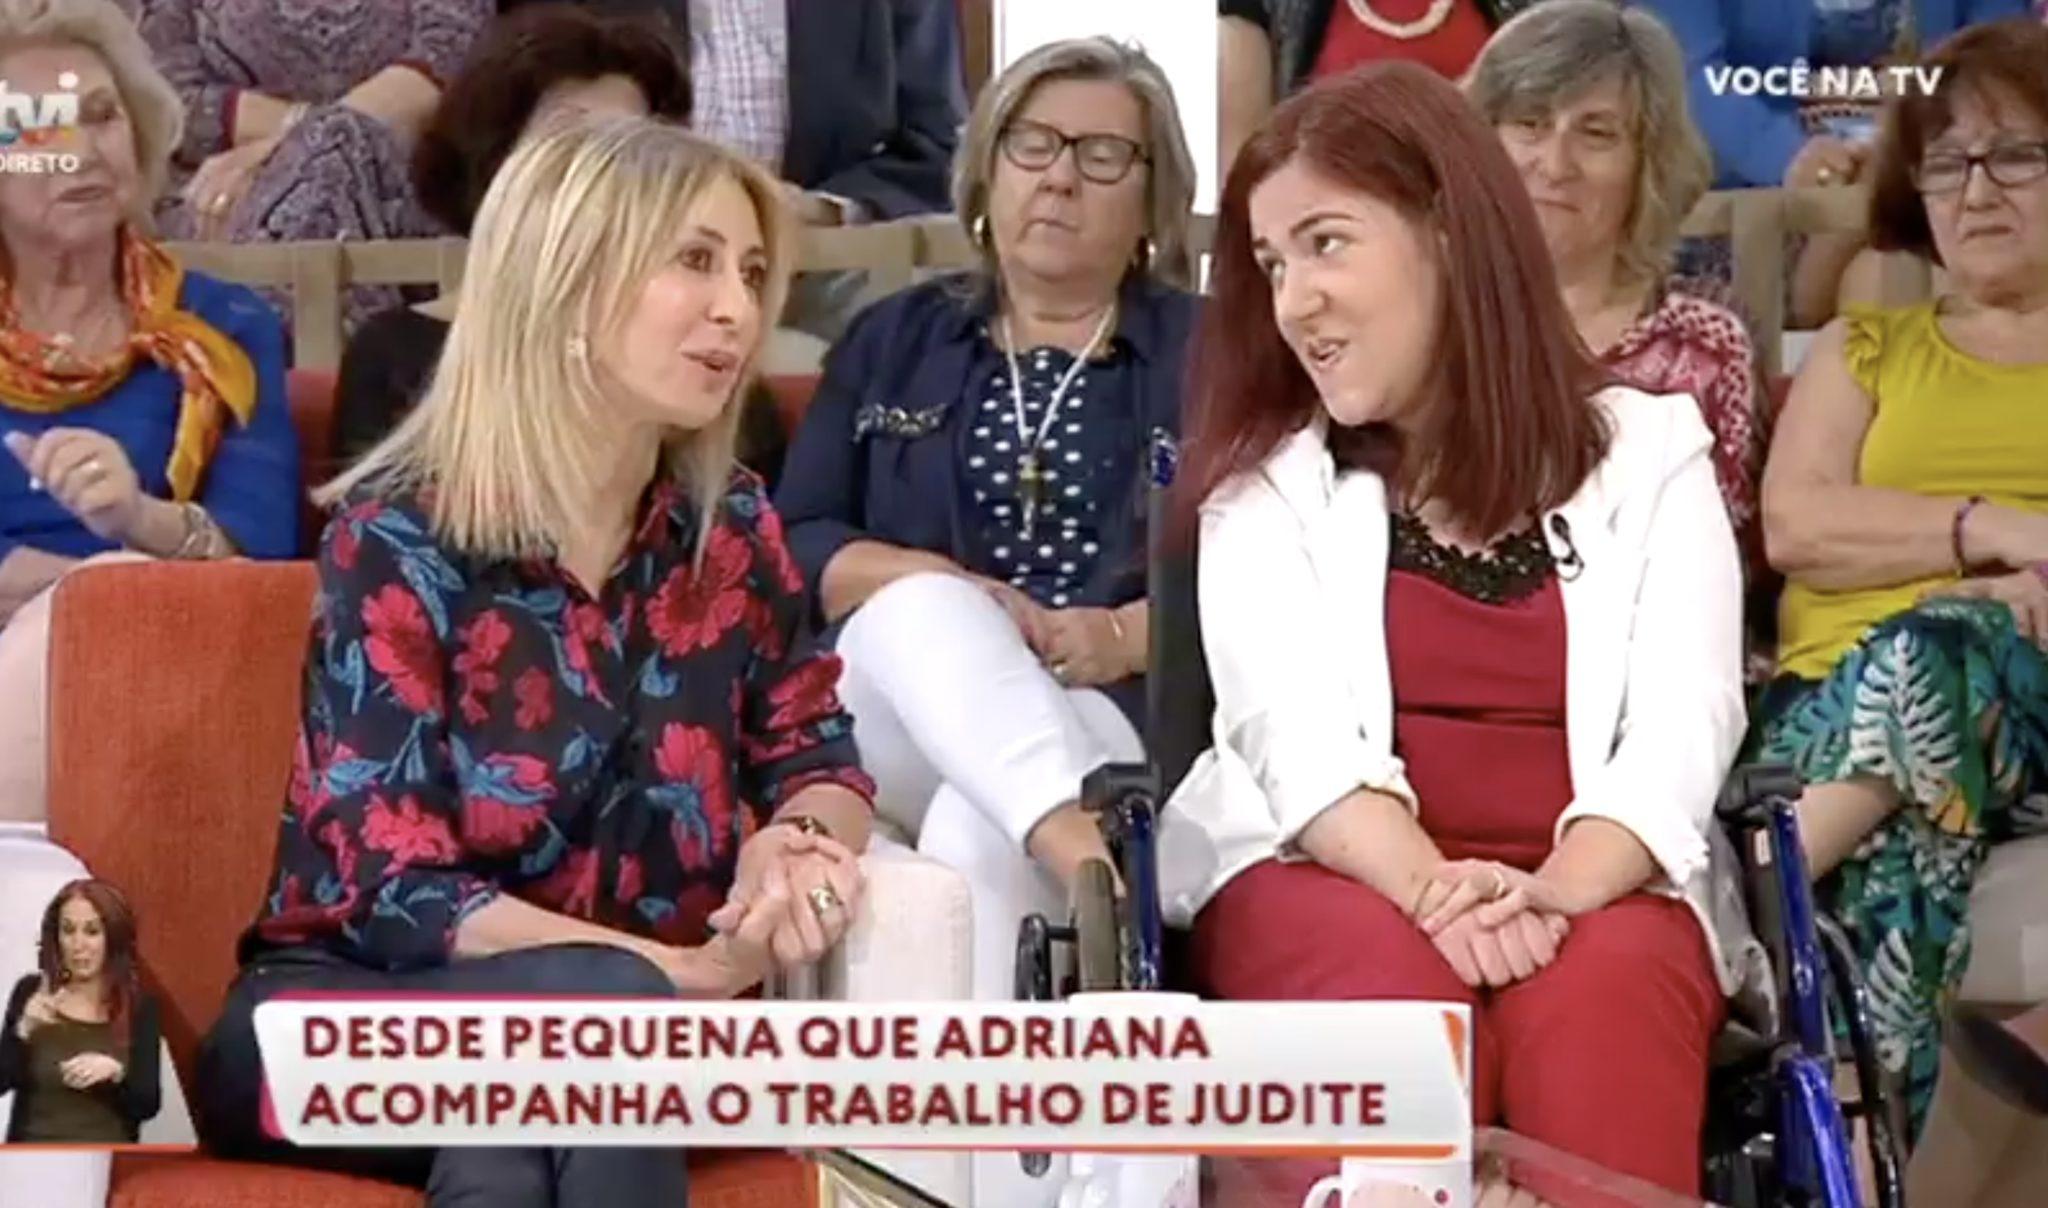 Judite Sousa Fa Voce Na Tv Judite Sousa Surpreende Fã Com Paralisia Cerebral Em Direto